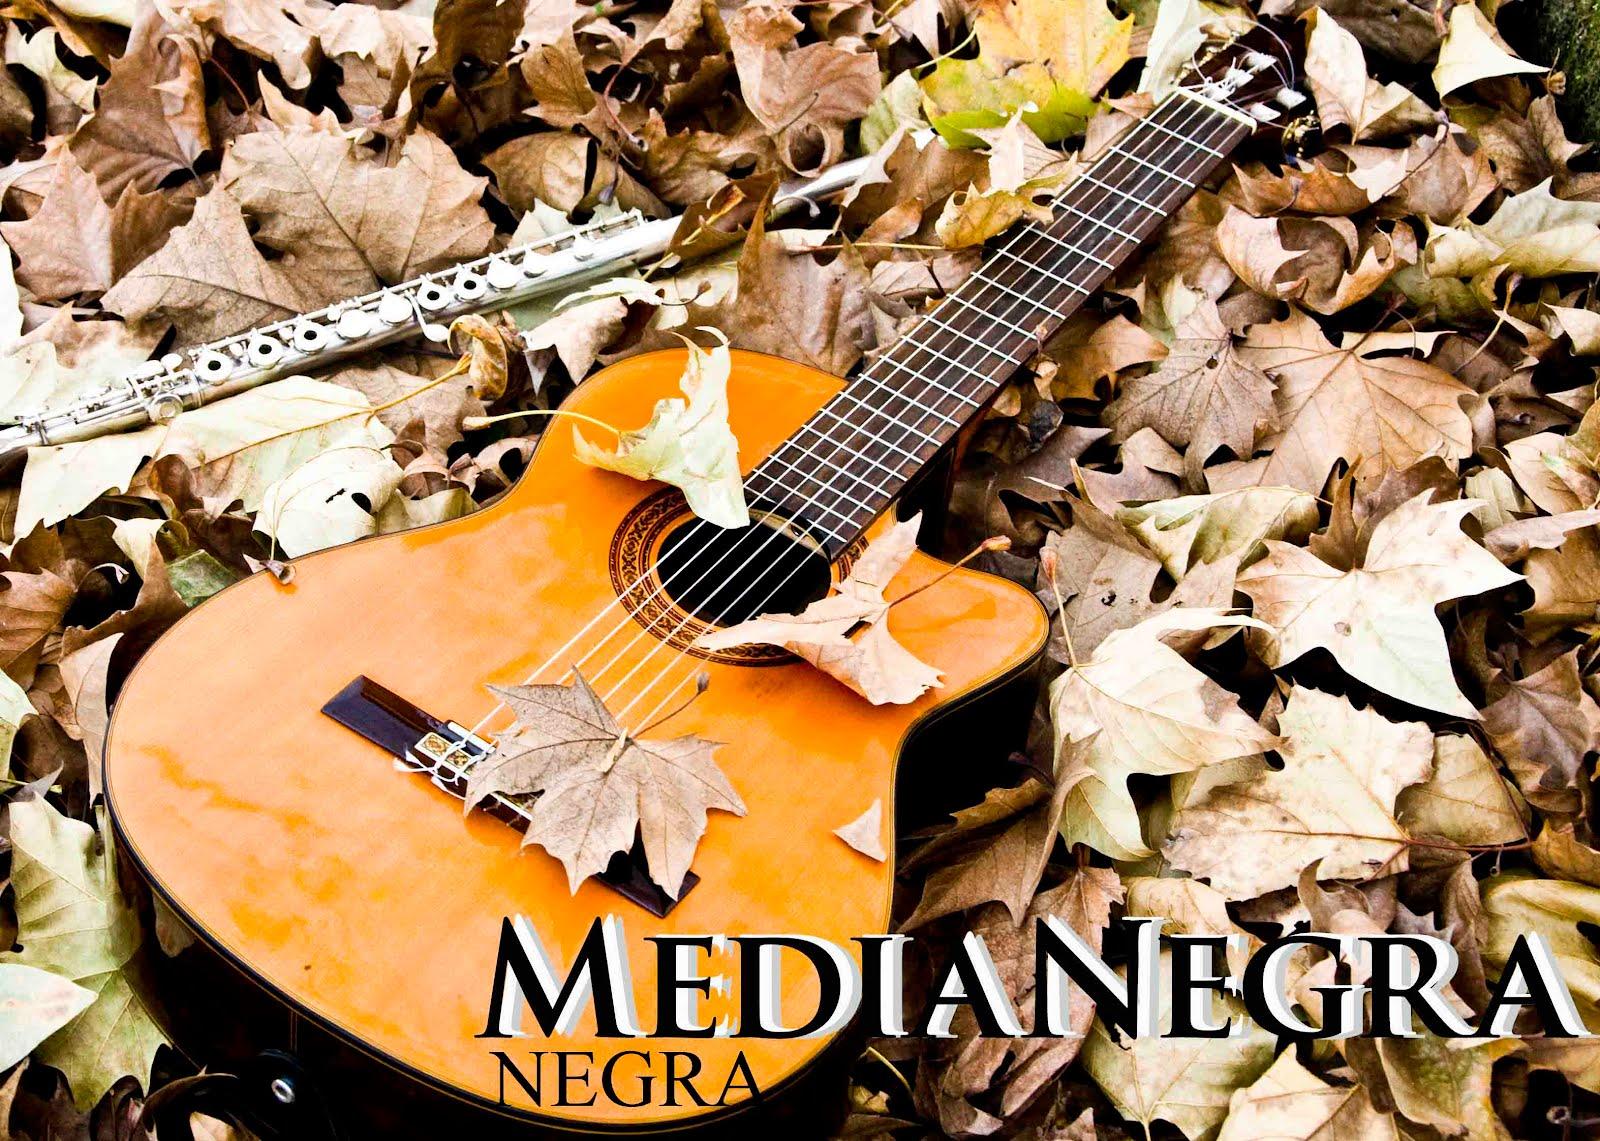 medianegra